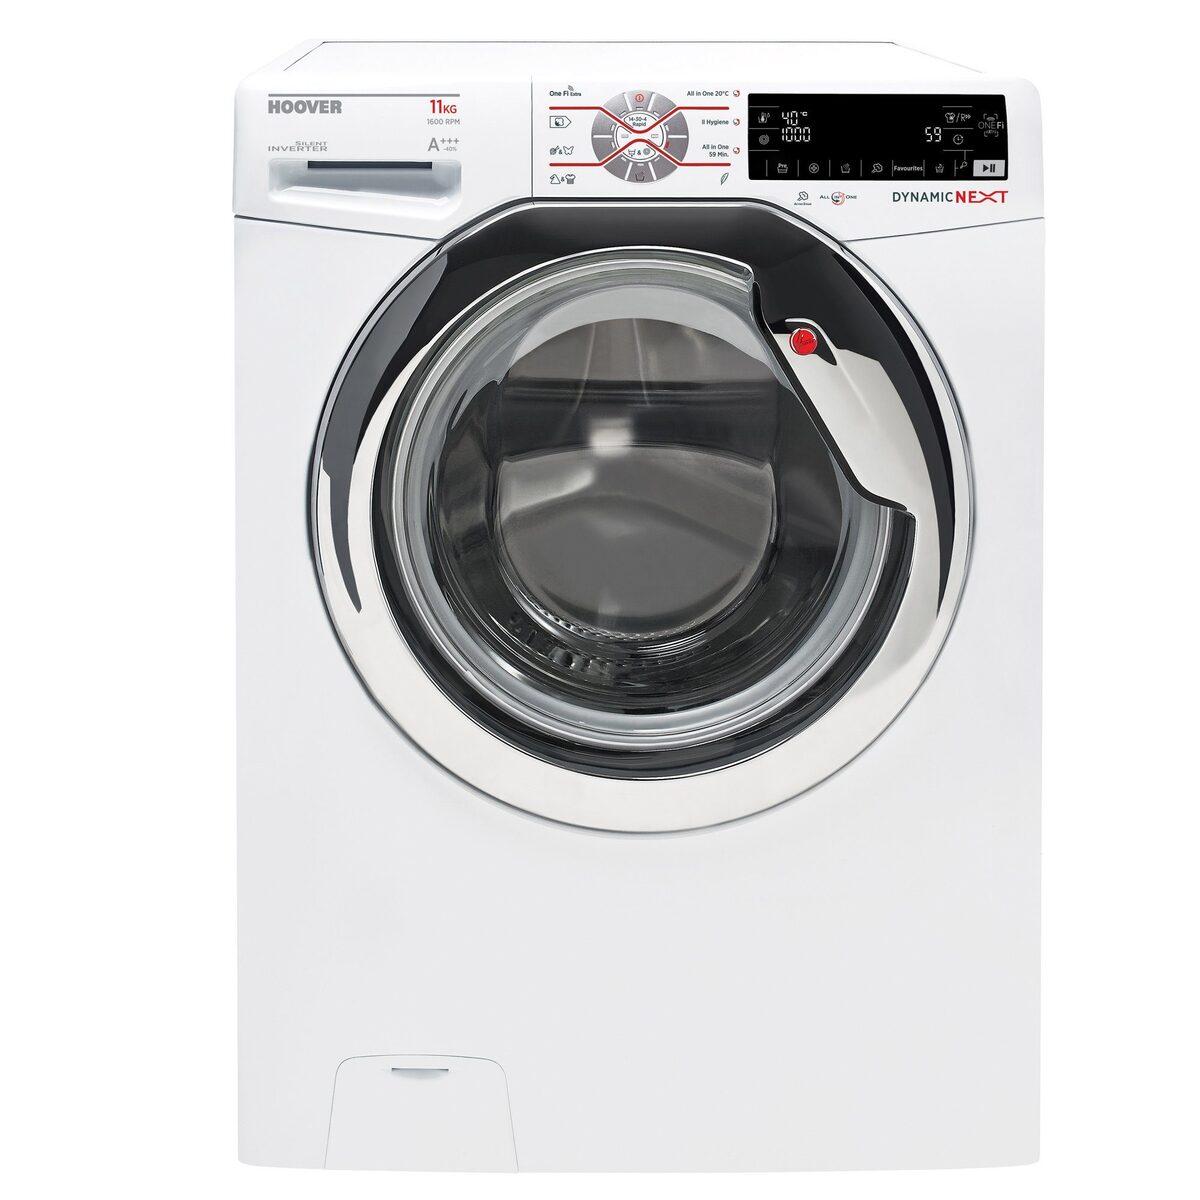 Bild 1 von Hoover Waschmaschine DWOT 611AHC3/1-S, 11 kg, 1600 U/Min, Invertermotor, Mengenautomatik, All in One 59 min., NFC- und WiFi-Technologie